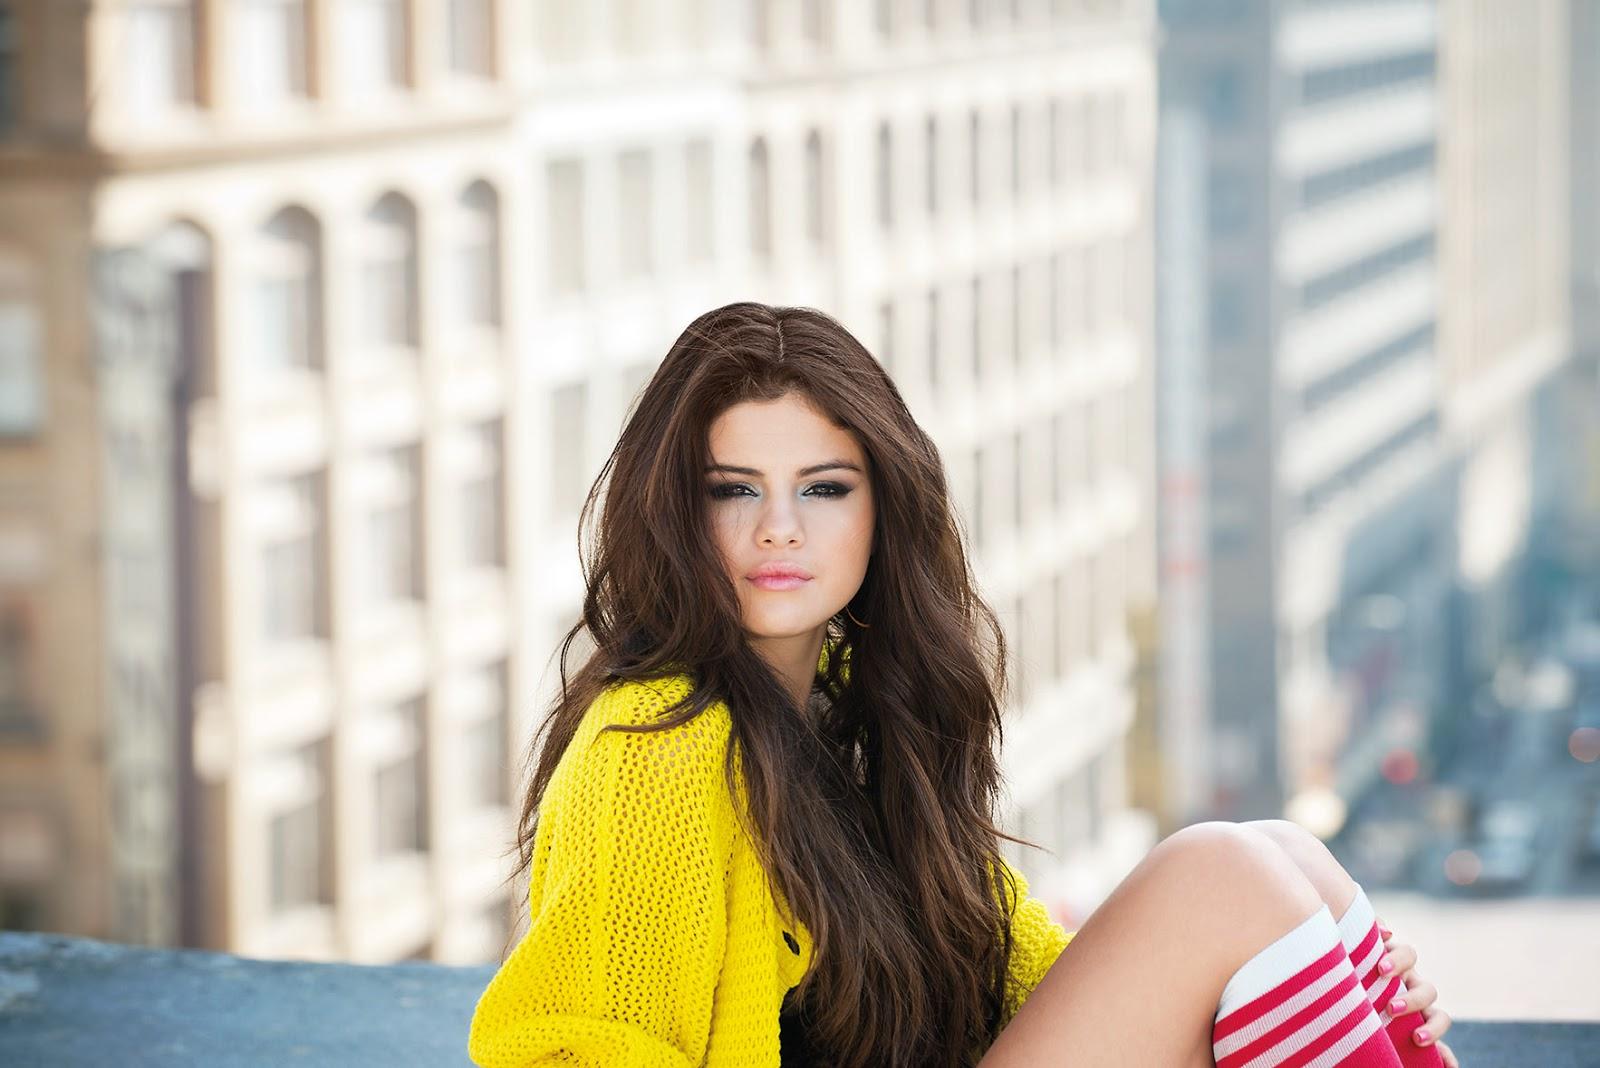 http://3.bp.blogspot.com/-8lcx5-DtyMQ/UQIRxcm8DAI/AAAAAAAAEUs/WCnFHmOyEGo/s1600/Selena+sitting_media+alert.jpg